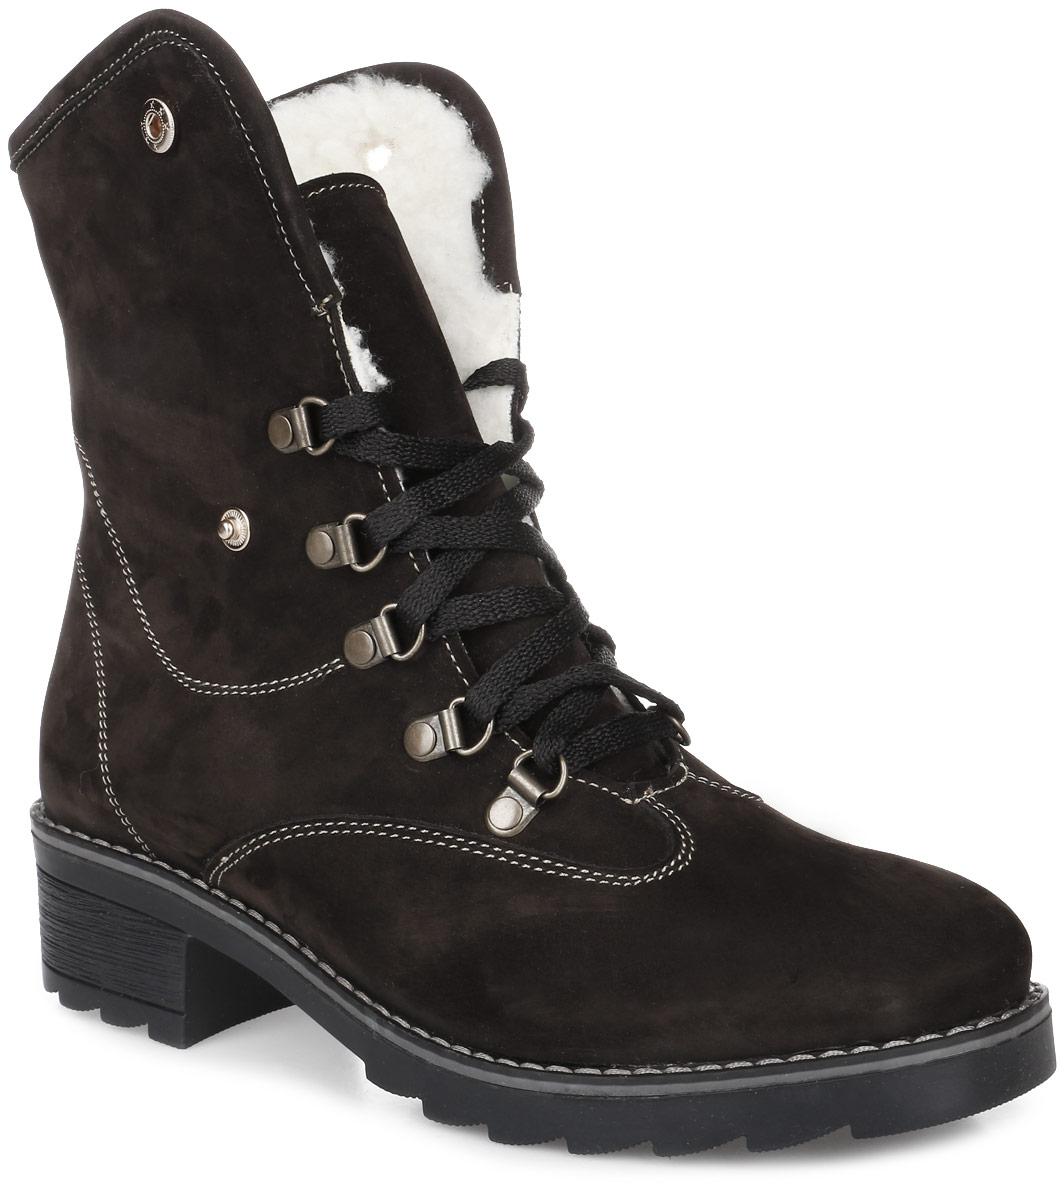 9SI_235_D.BROWN.NСтильные женские ботинки от Spur заинтересуют вас своим дизайном с первого взгляда. Модель изготовлена из качественного нубука и оформлена контрастной прострочкой. Шнуровка надежно зафиксирует обувь на ноге. Отвороты при необходимости можно зафиксировать кнопками. Стелька и подкладка, изготовленные из искусственной шерсти, защитят ноги от холода и обеспечат комфорт. Подошва и устойчивый каблук изготовлена из гибкой и прочной резины. Протекторы с рифлением гарантируют отличное сцепление с различными поверхностями.